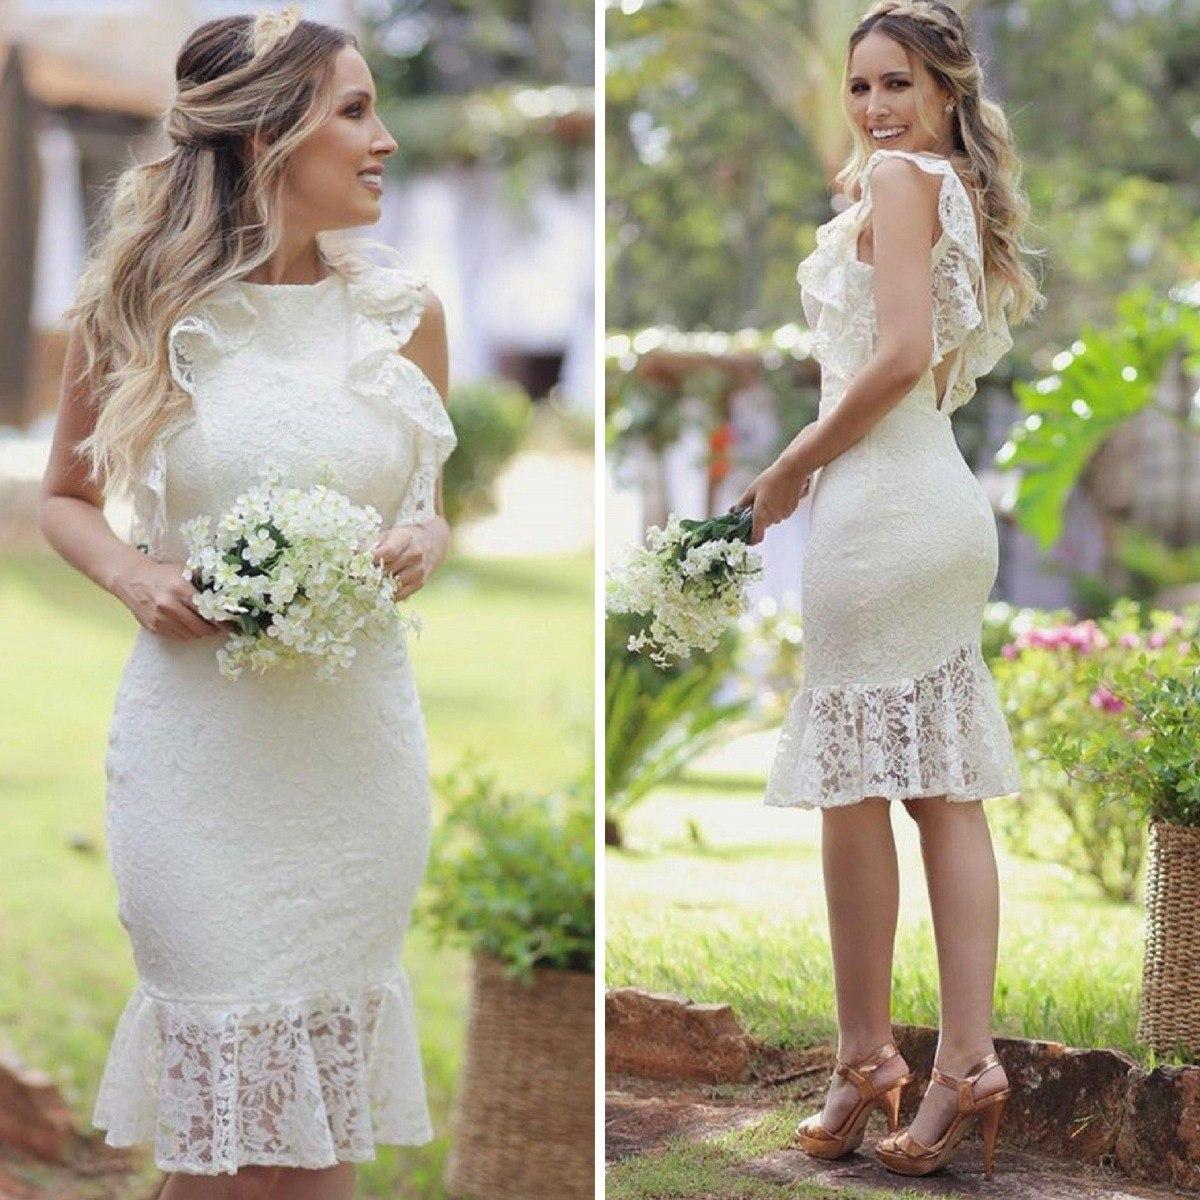 Vestido Casamento Civil Vestido Pre Wedding Noiva Noivado